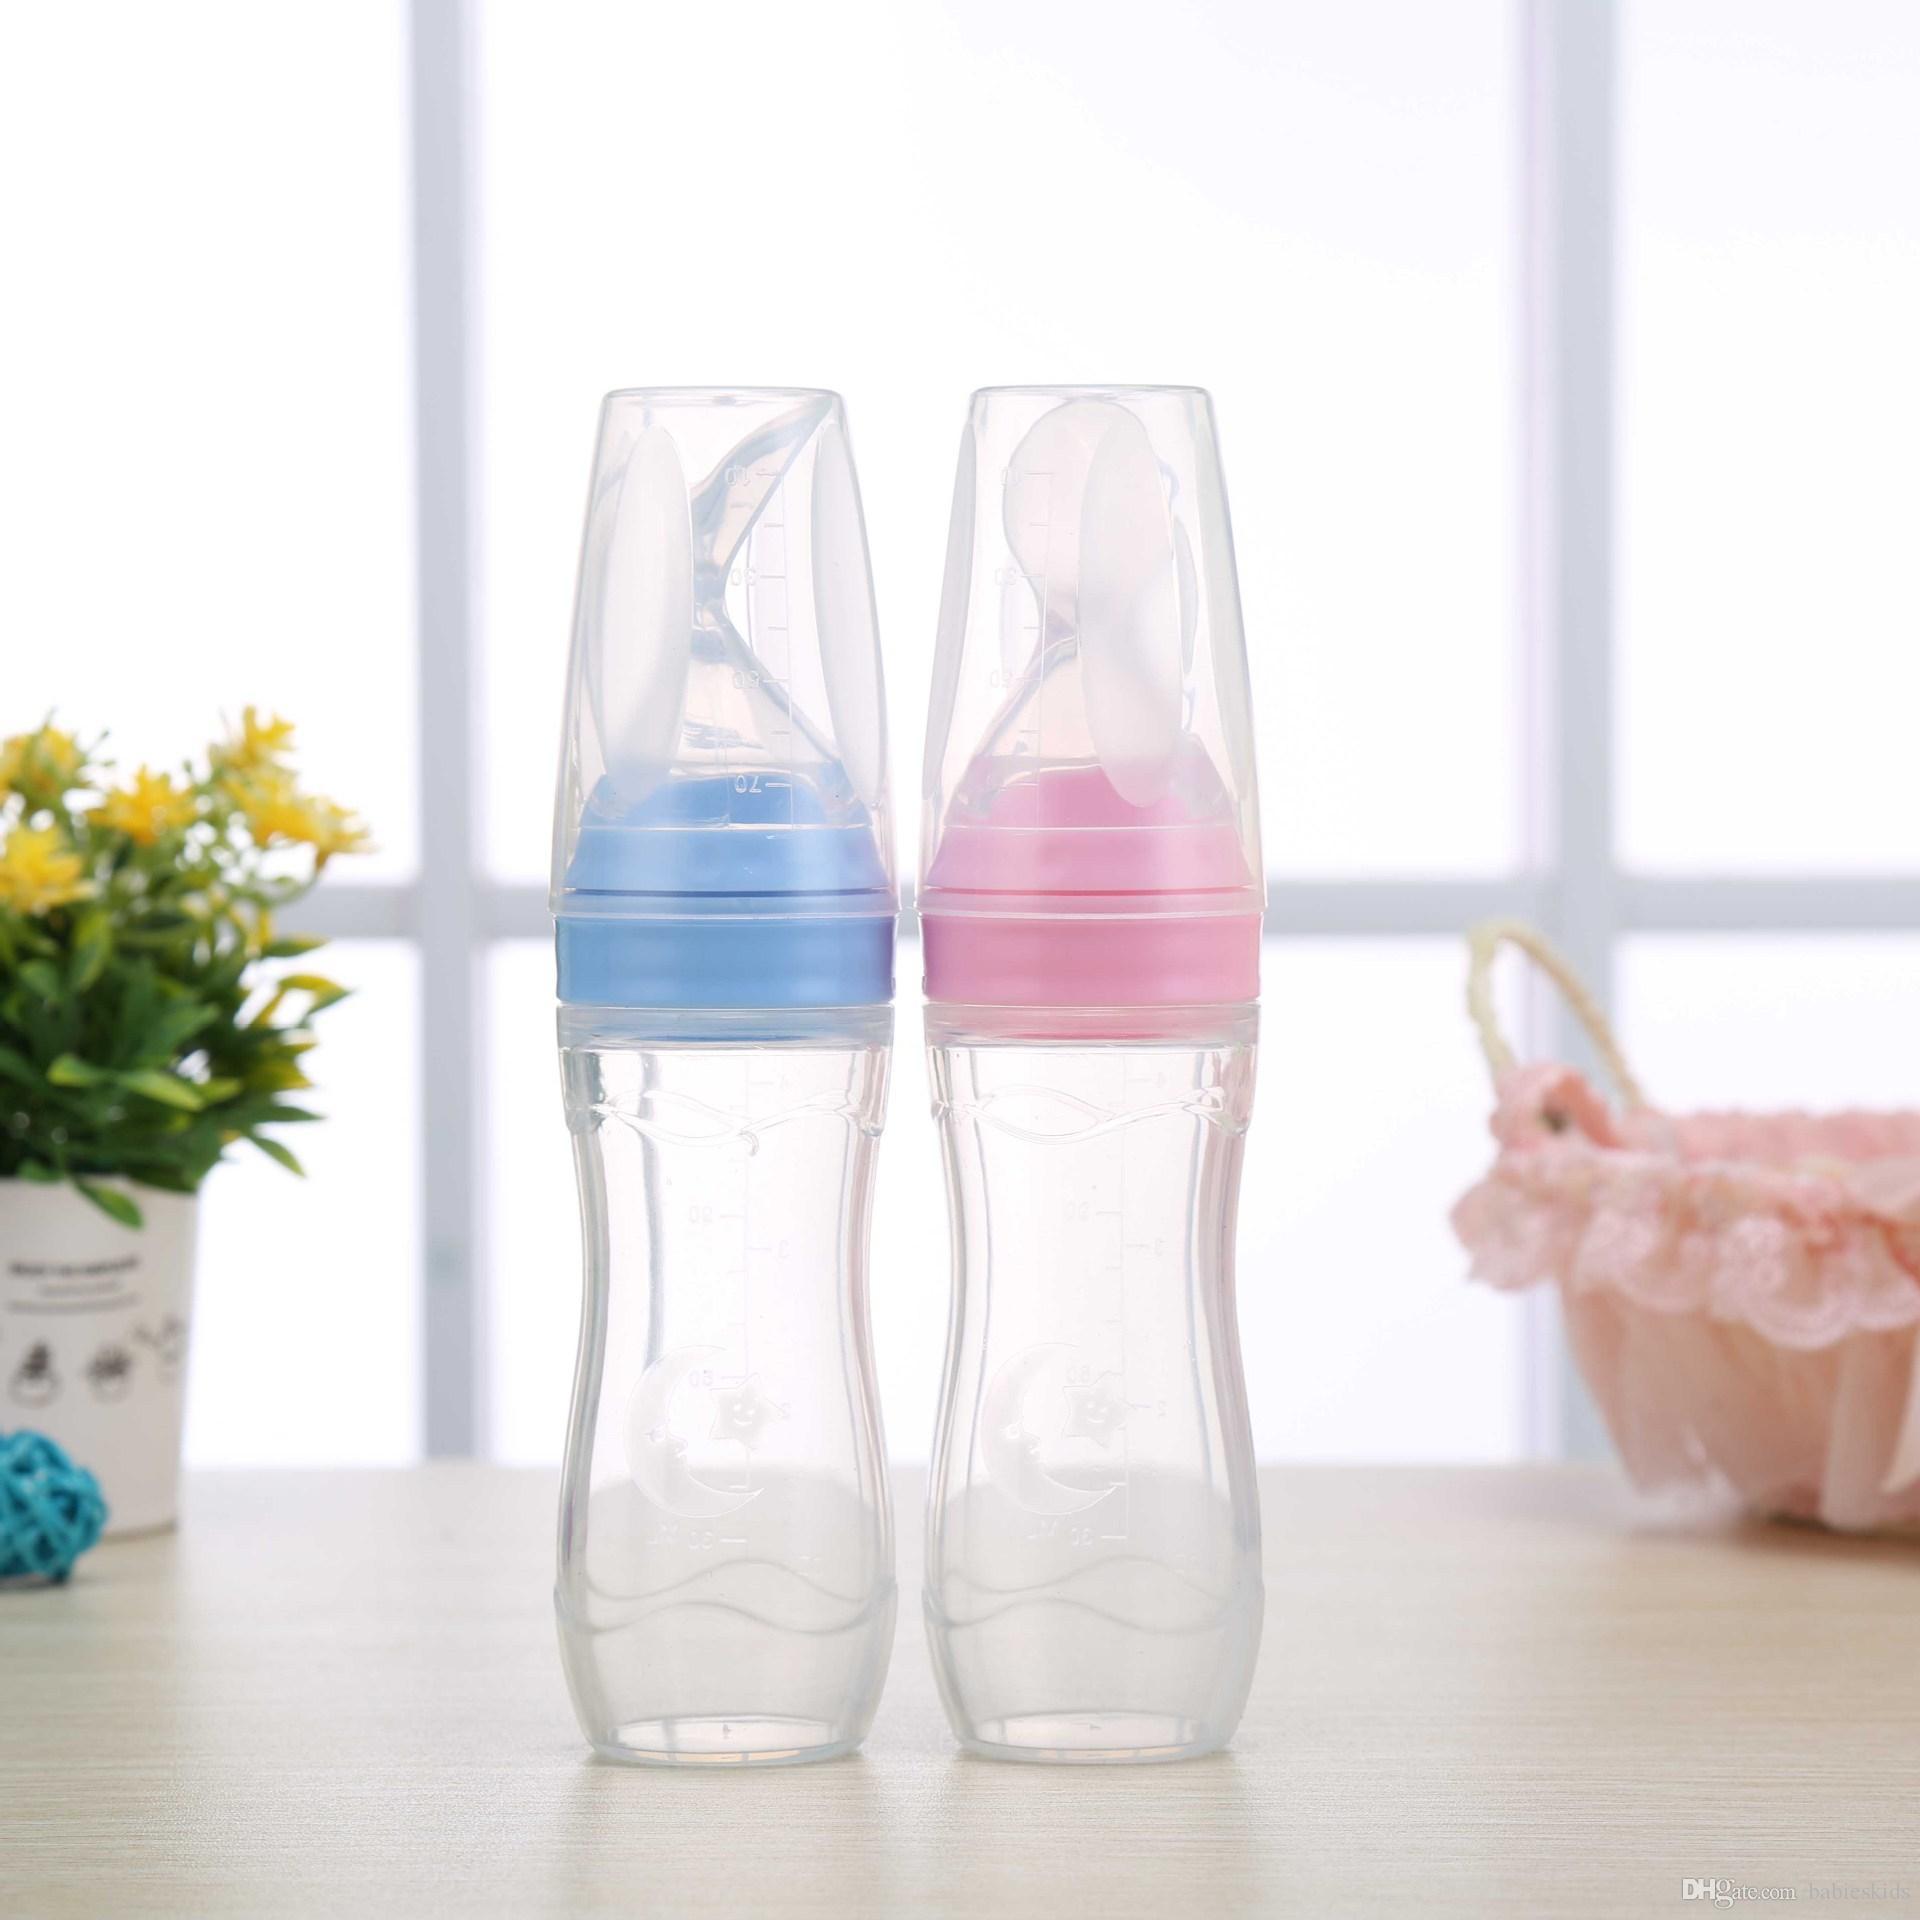 1 قطعة الطفل الضغط تغذية ملعقة الوليد طفل هلام السيليكا زجاجة المكملات الغذائية الأرز الحبوب المكملات الغذائية الطاعم الآمن المائدة